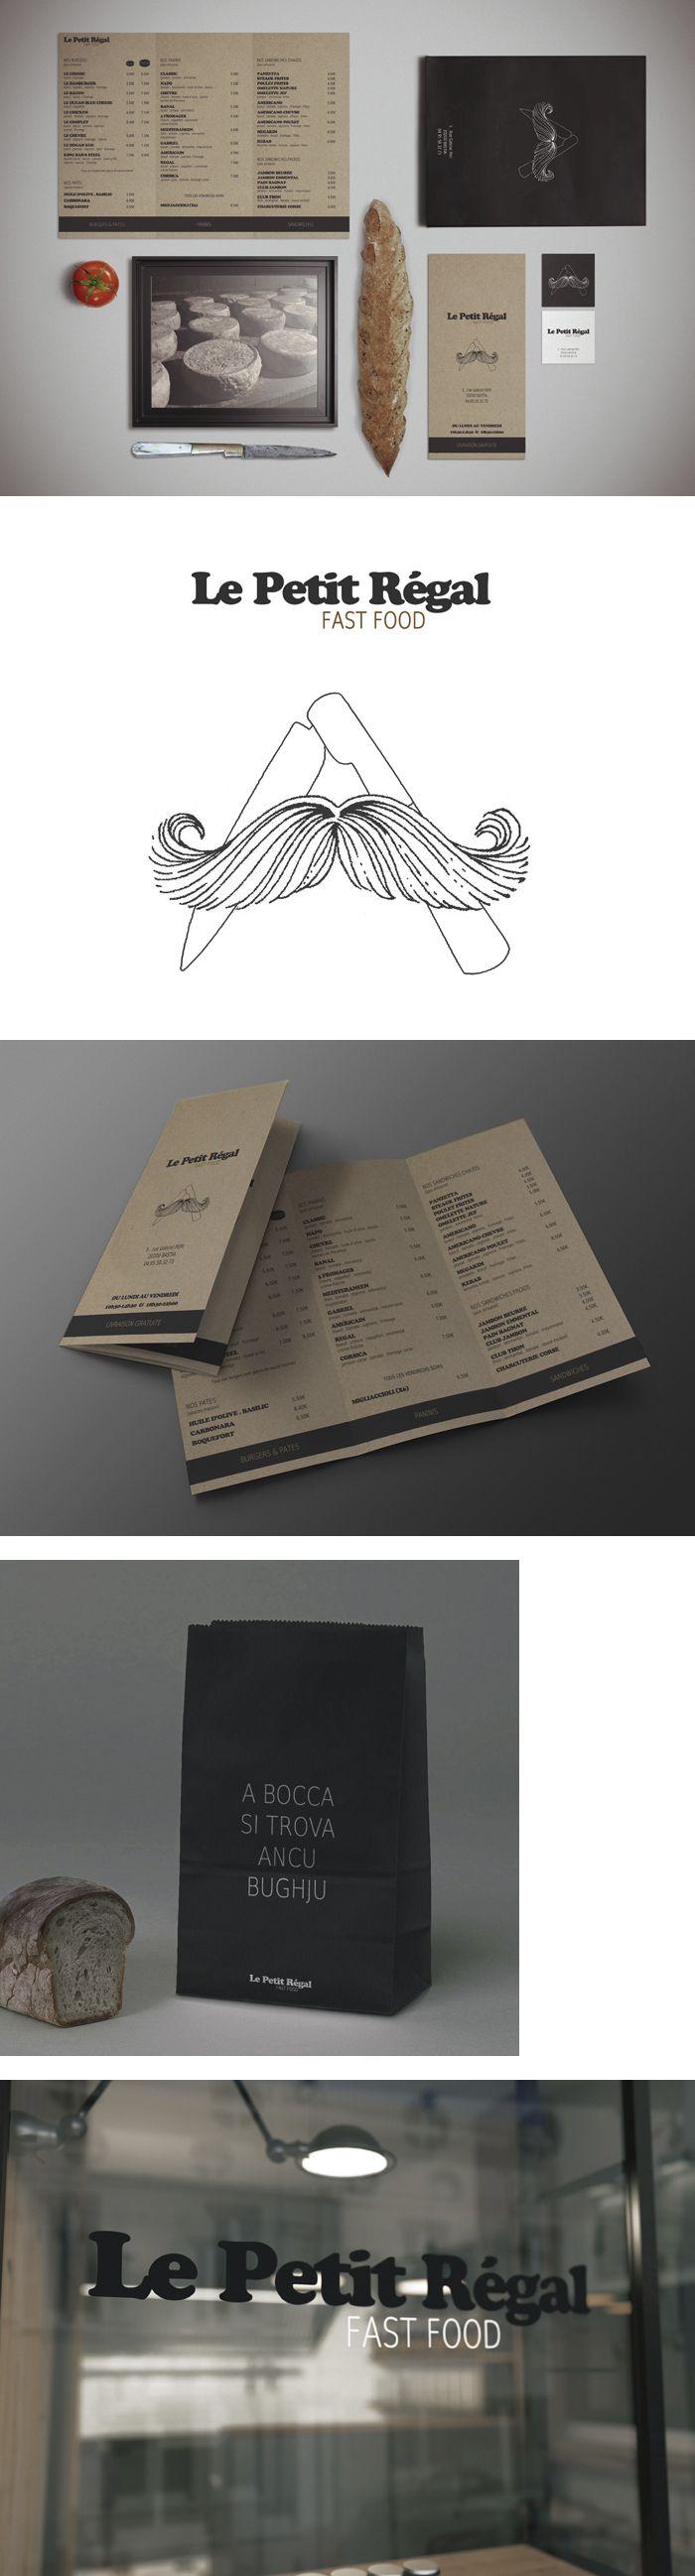 LE PETIT REGAL (identité visuelle) Création de l'identité visuelle d'une enseigne de restauration rapide installée au cœur de Bastia en Corse. Le concept du restaurant : associer l'esprit fast-food à la culture culinaire corse. Plus de détails sur www.davidbaille.com